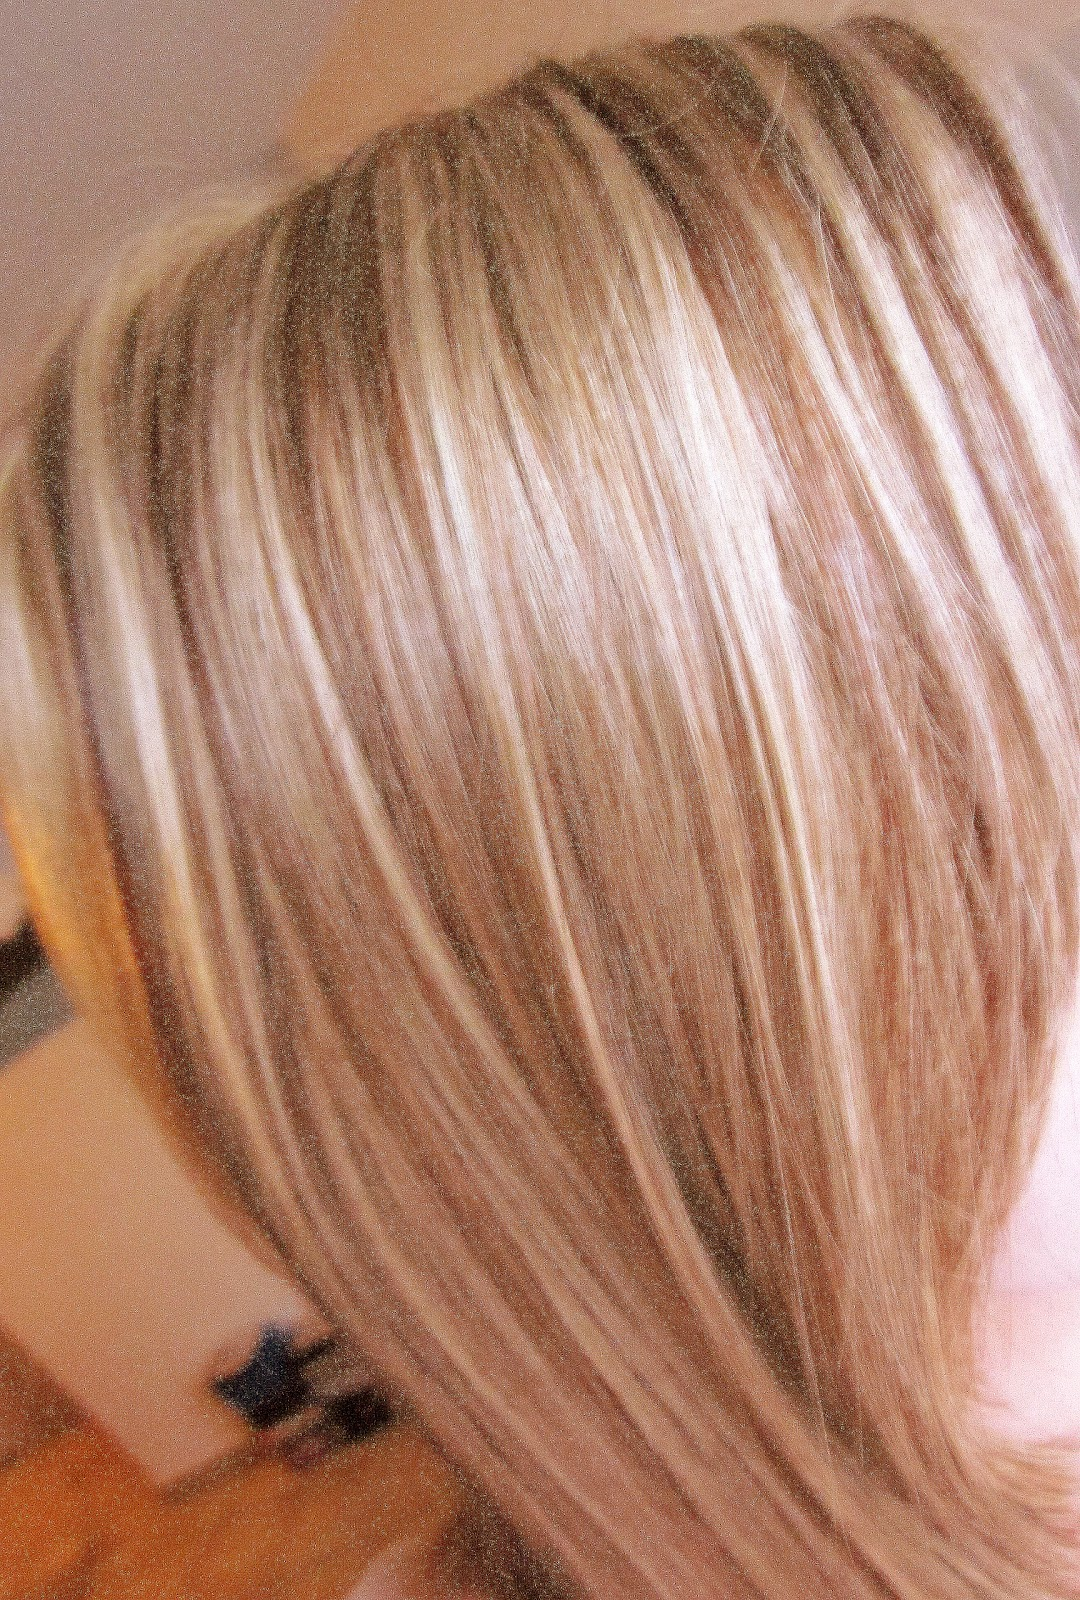 Strähnen haare hellbraune kurze Graue Strähnchen